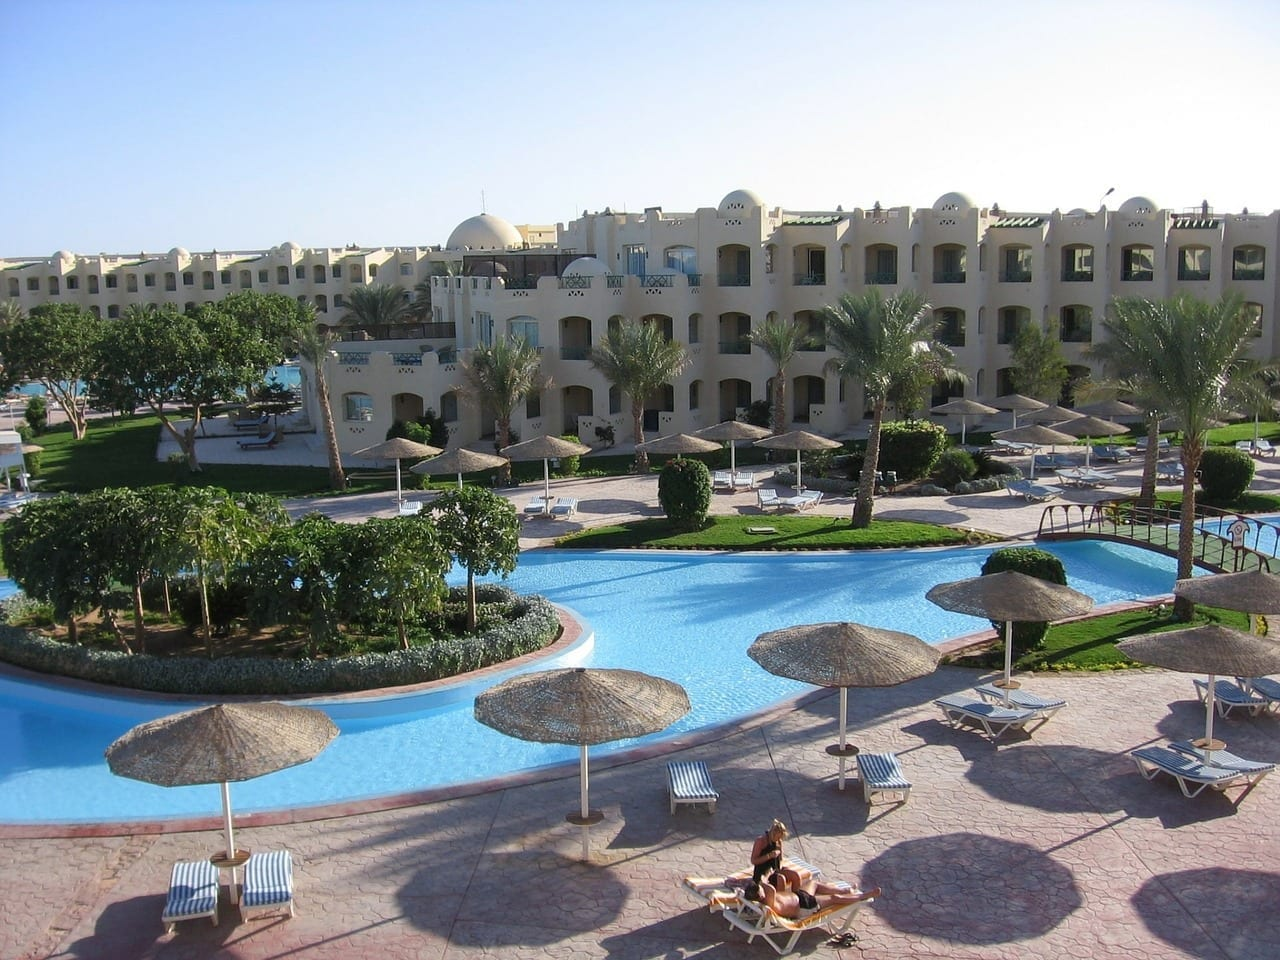 Hotel Hurghada Complejo Egipto